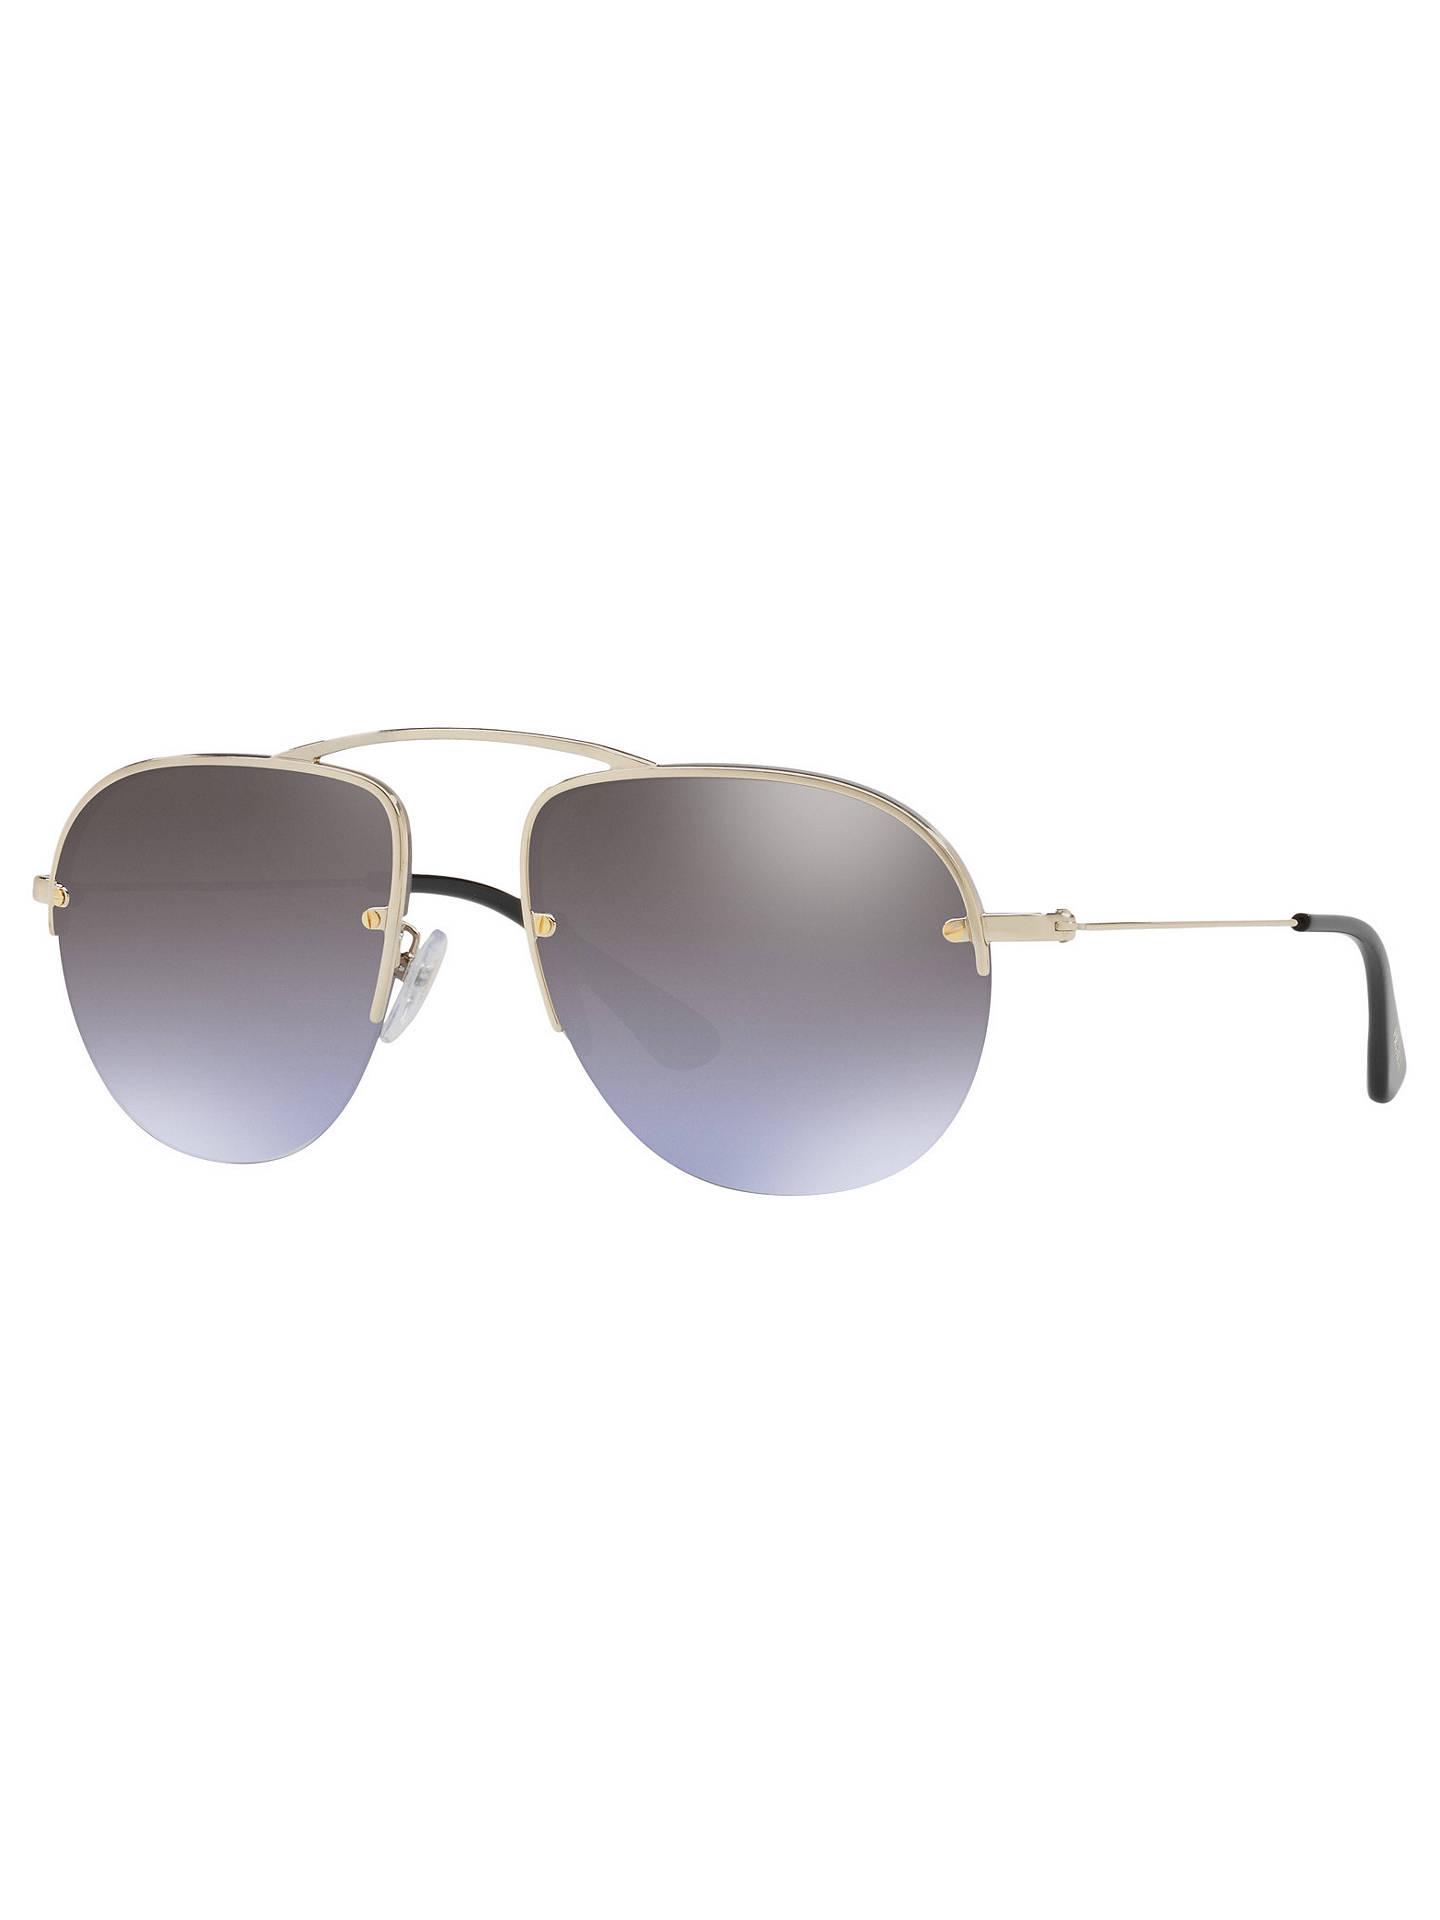 7e2426a9a58f Buy Prada PR 58OS Aviator Sunglasses, Pale Gold/Mirror Violet Online at  johnlewis.